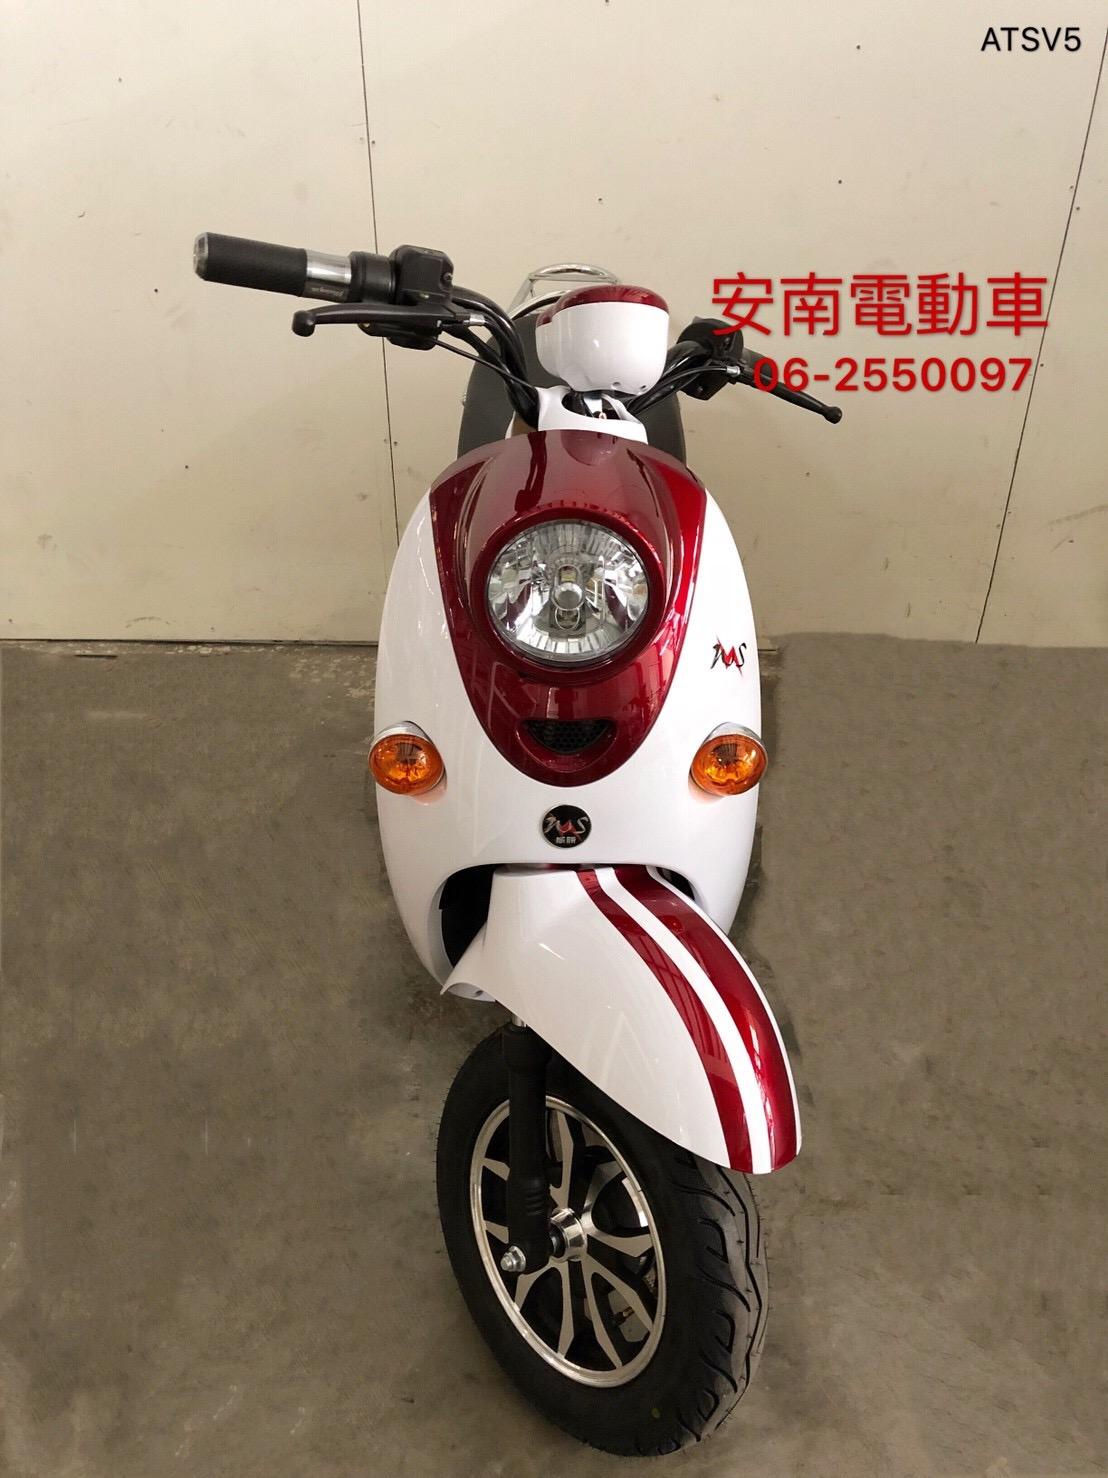 【安南電動車業】臺南電動車-臺南電動機車代步車-電動自行車腳踏車-四輪電動車-老人電動車-電動輪椅: ATSV5